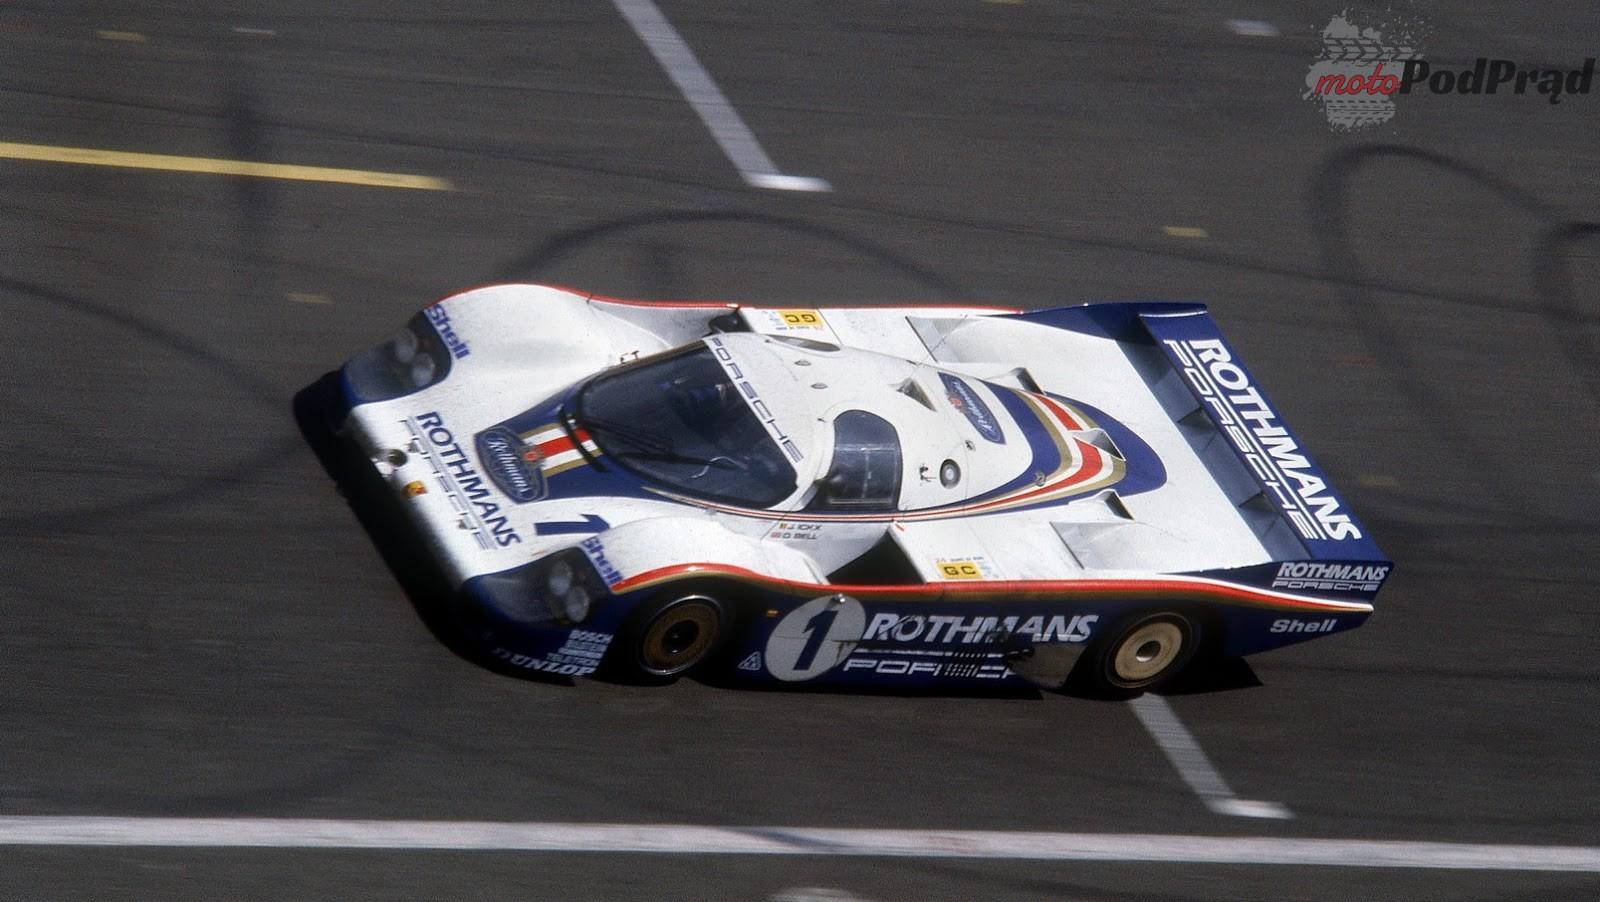 Porsche Macan 5 Porsche Macan w klasycznych malowaniach z LeMans   dlaczego nie?